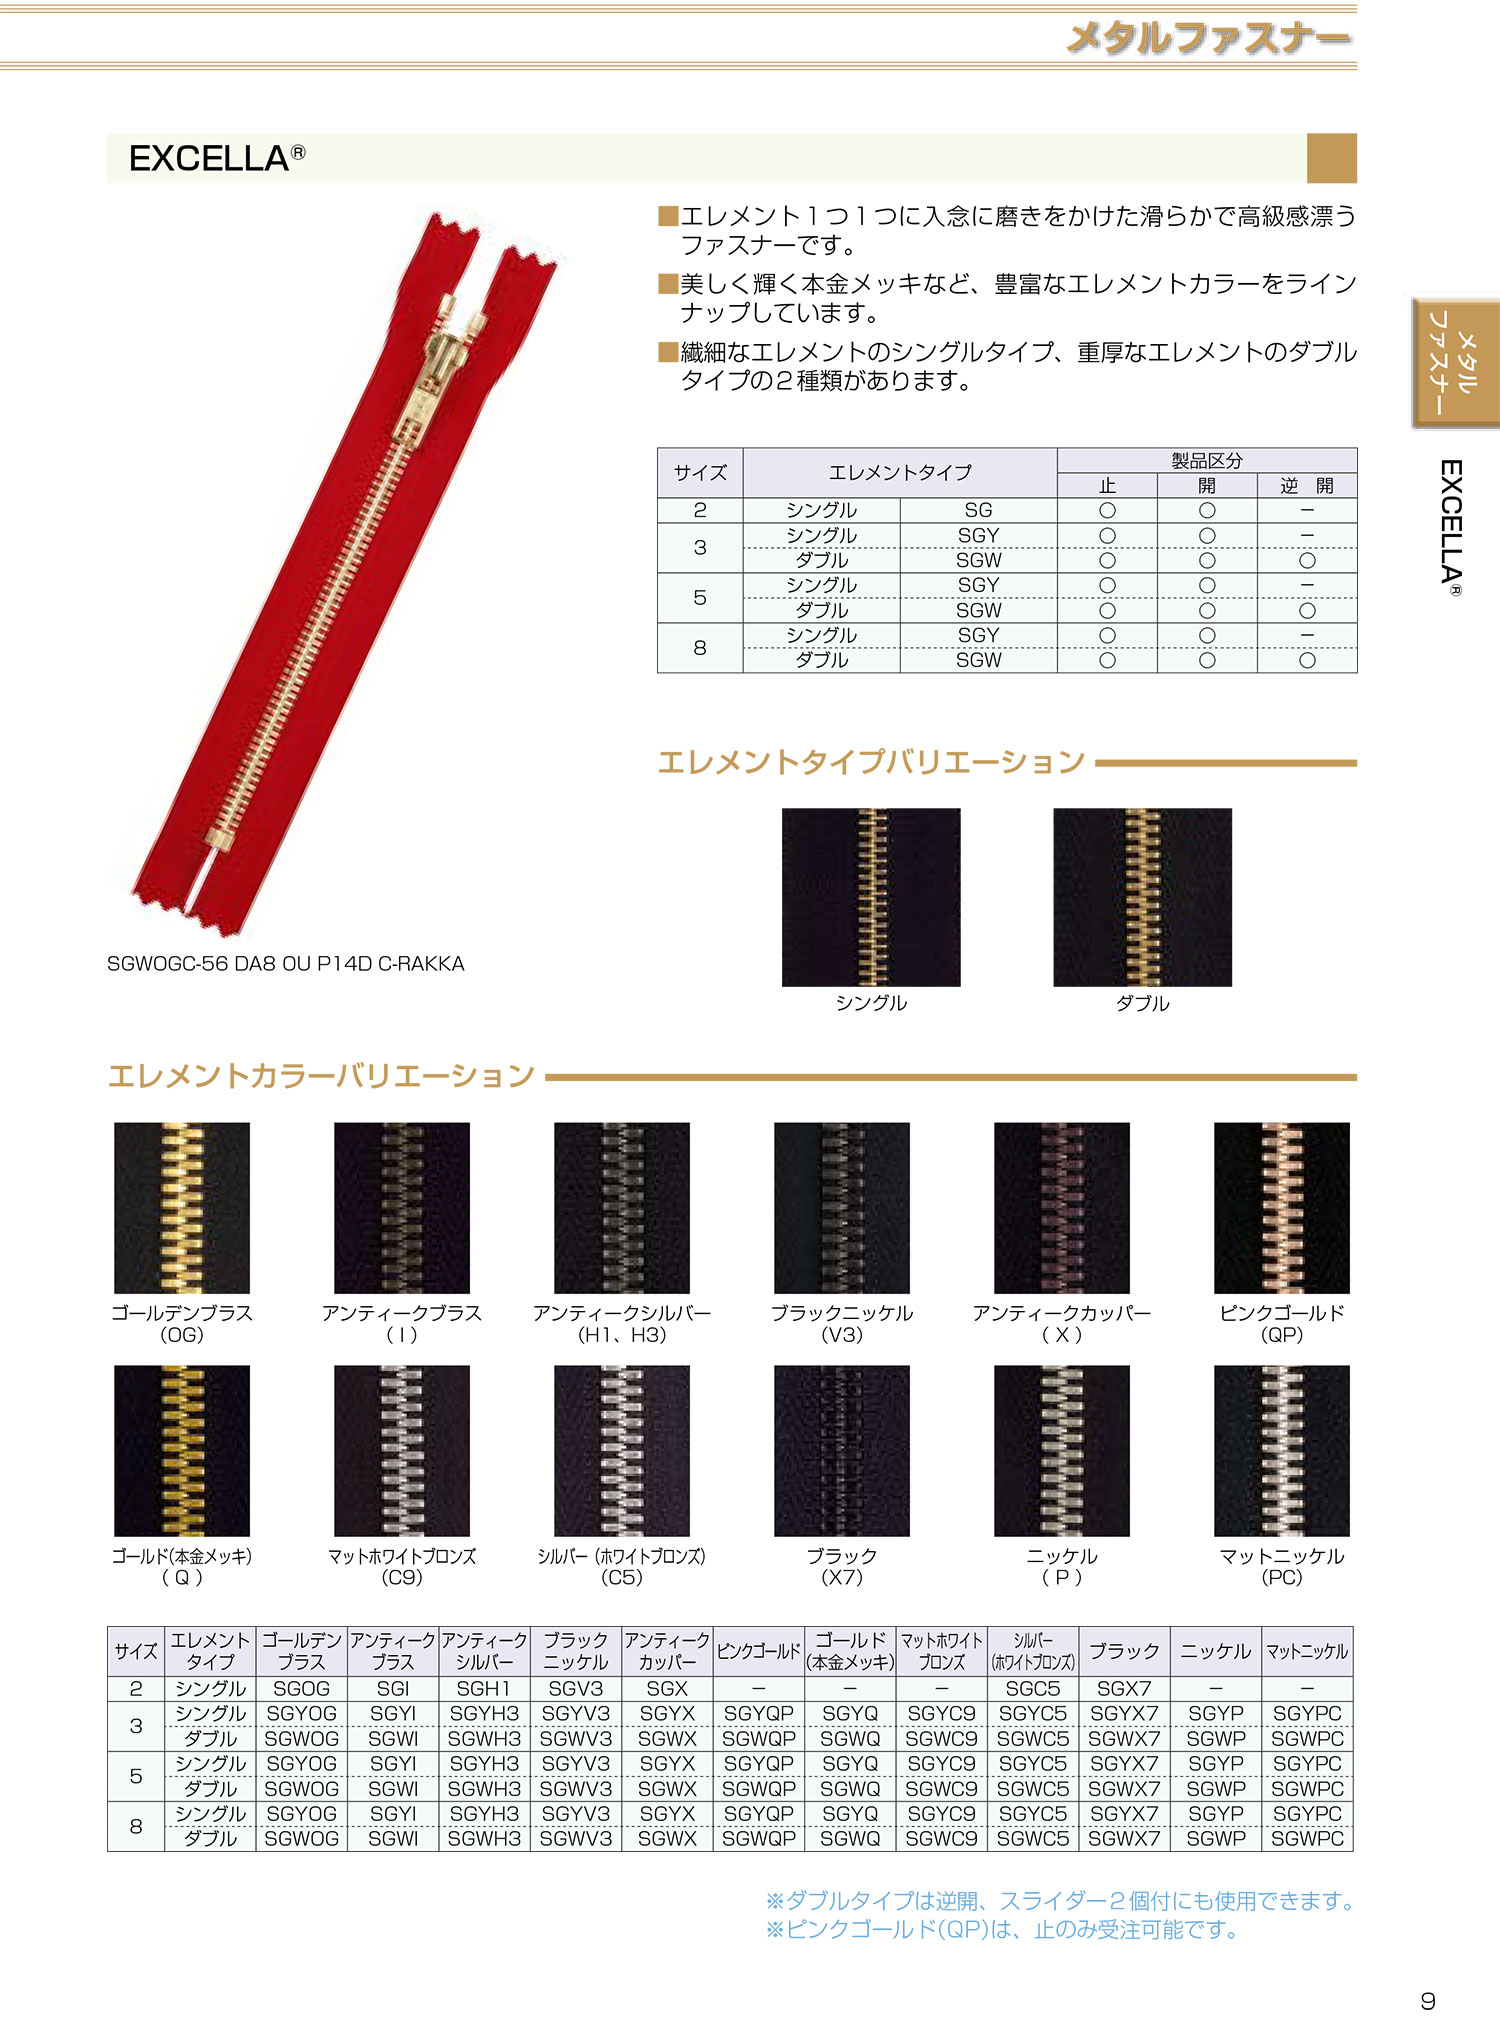 5SGYQPC エクセラ 5サイズ ピンクゴールド 止め シングル[ファスナー] YKK/オークラ商事 - ApparelX アパレル資材卸通販